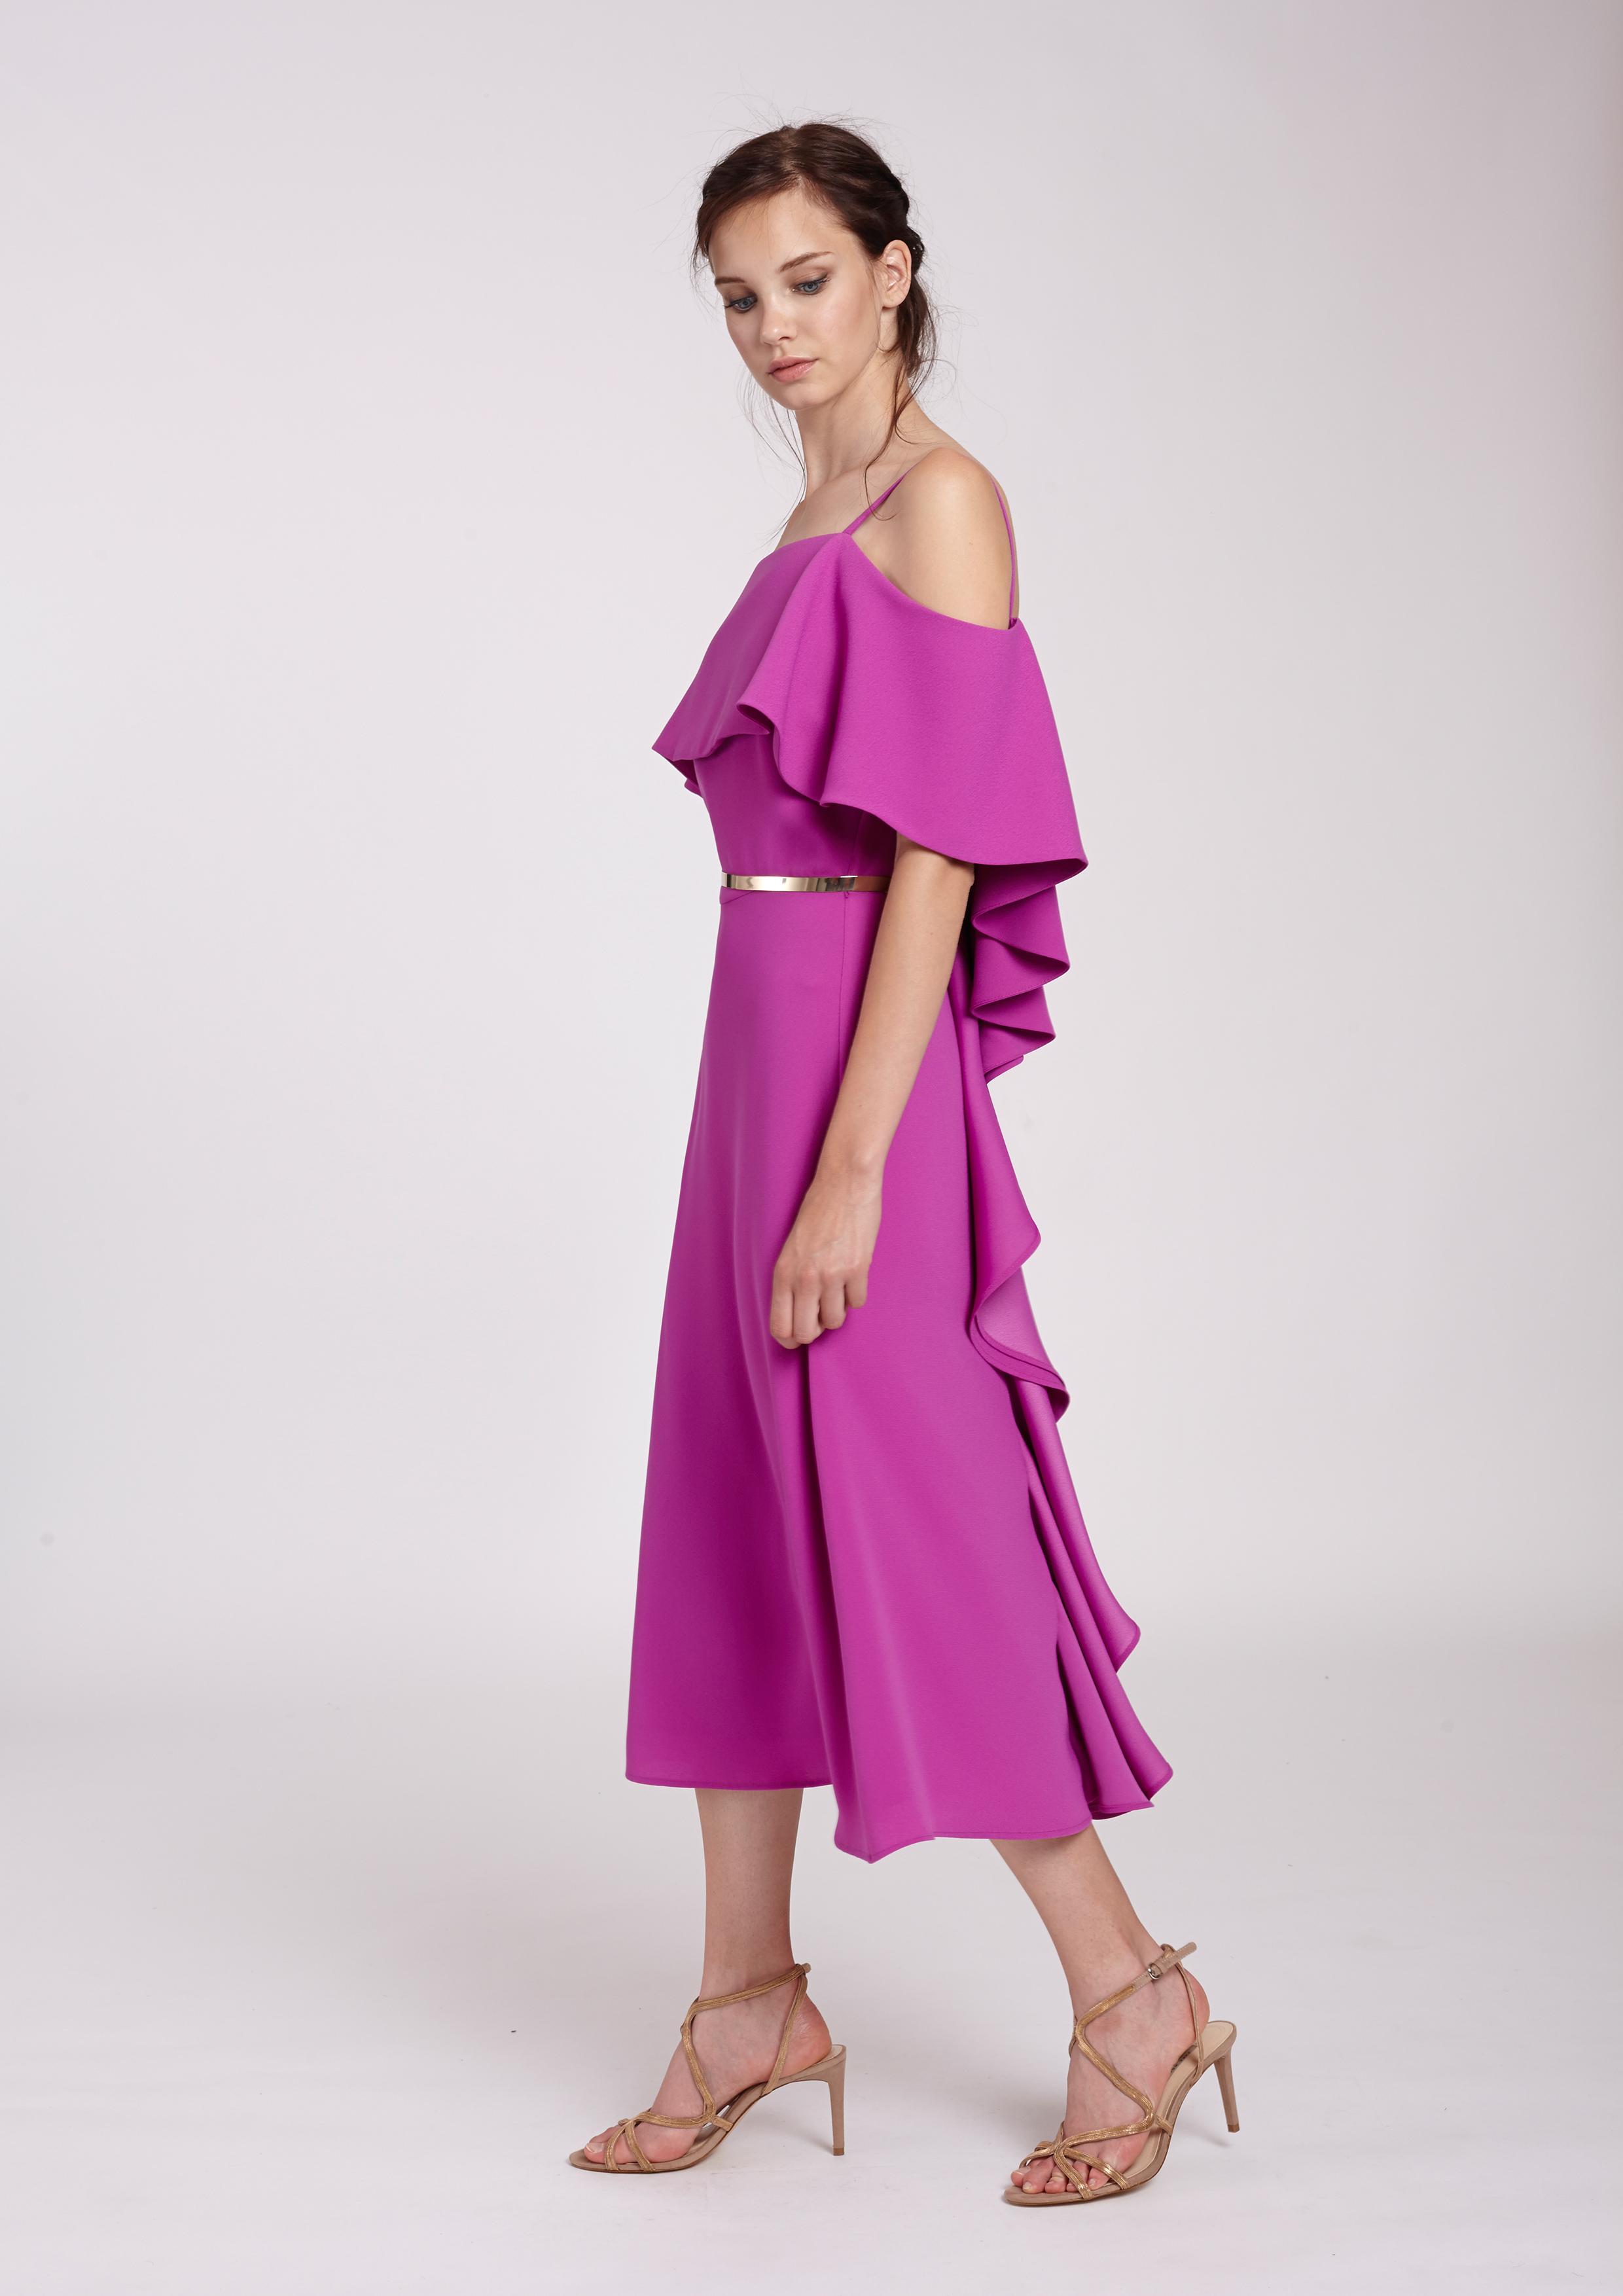 Magnífico Vestidos De Púrpura Económicas Para Bodas Modelo - Ideas ...